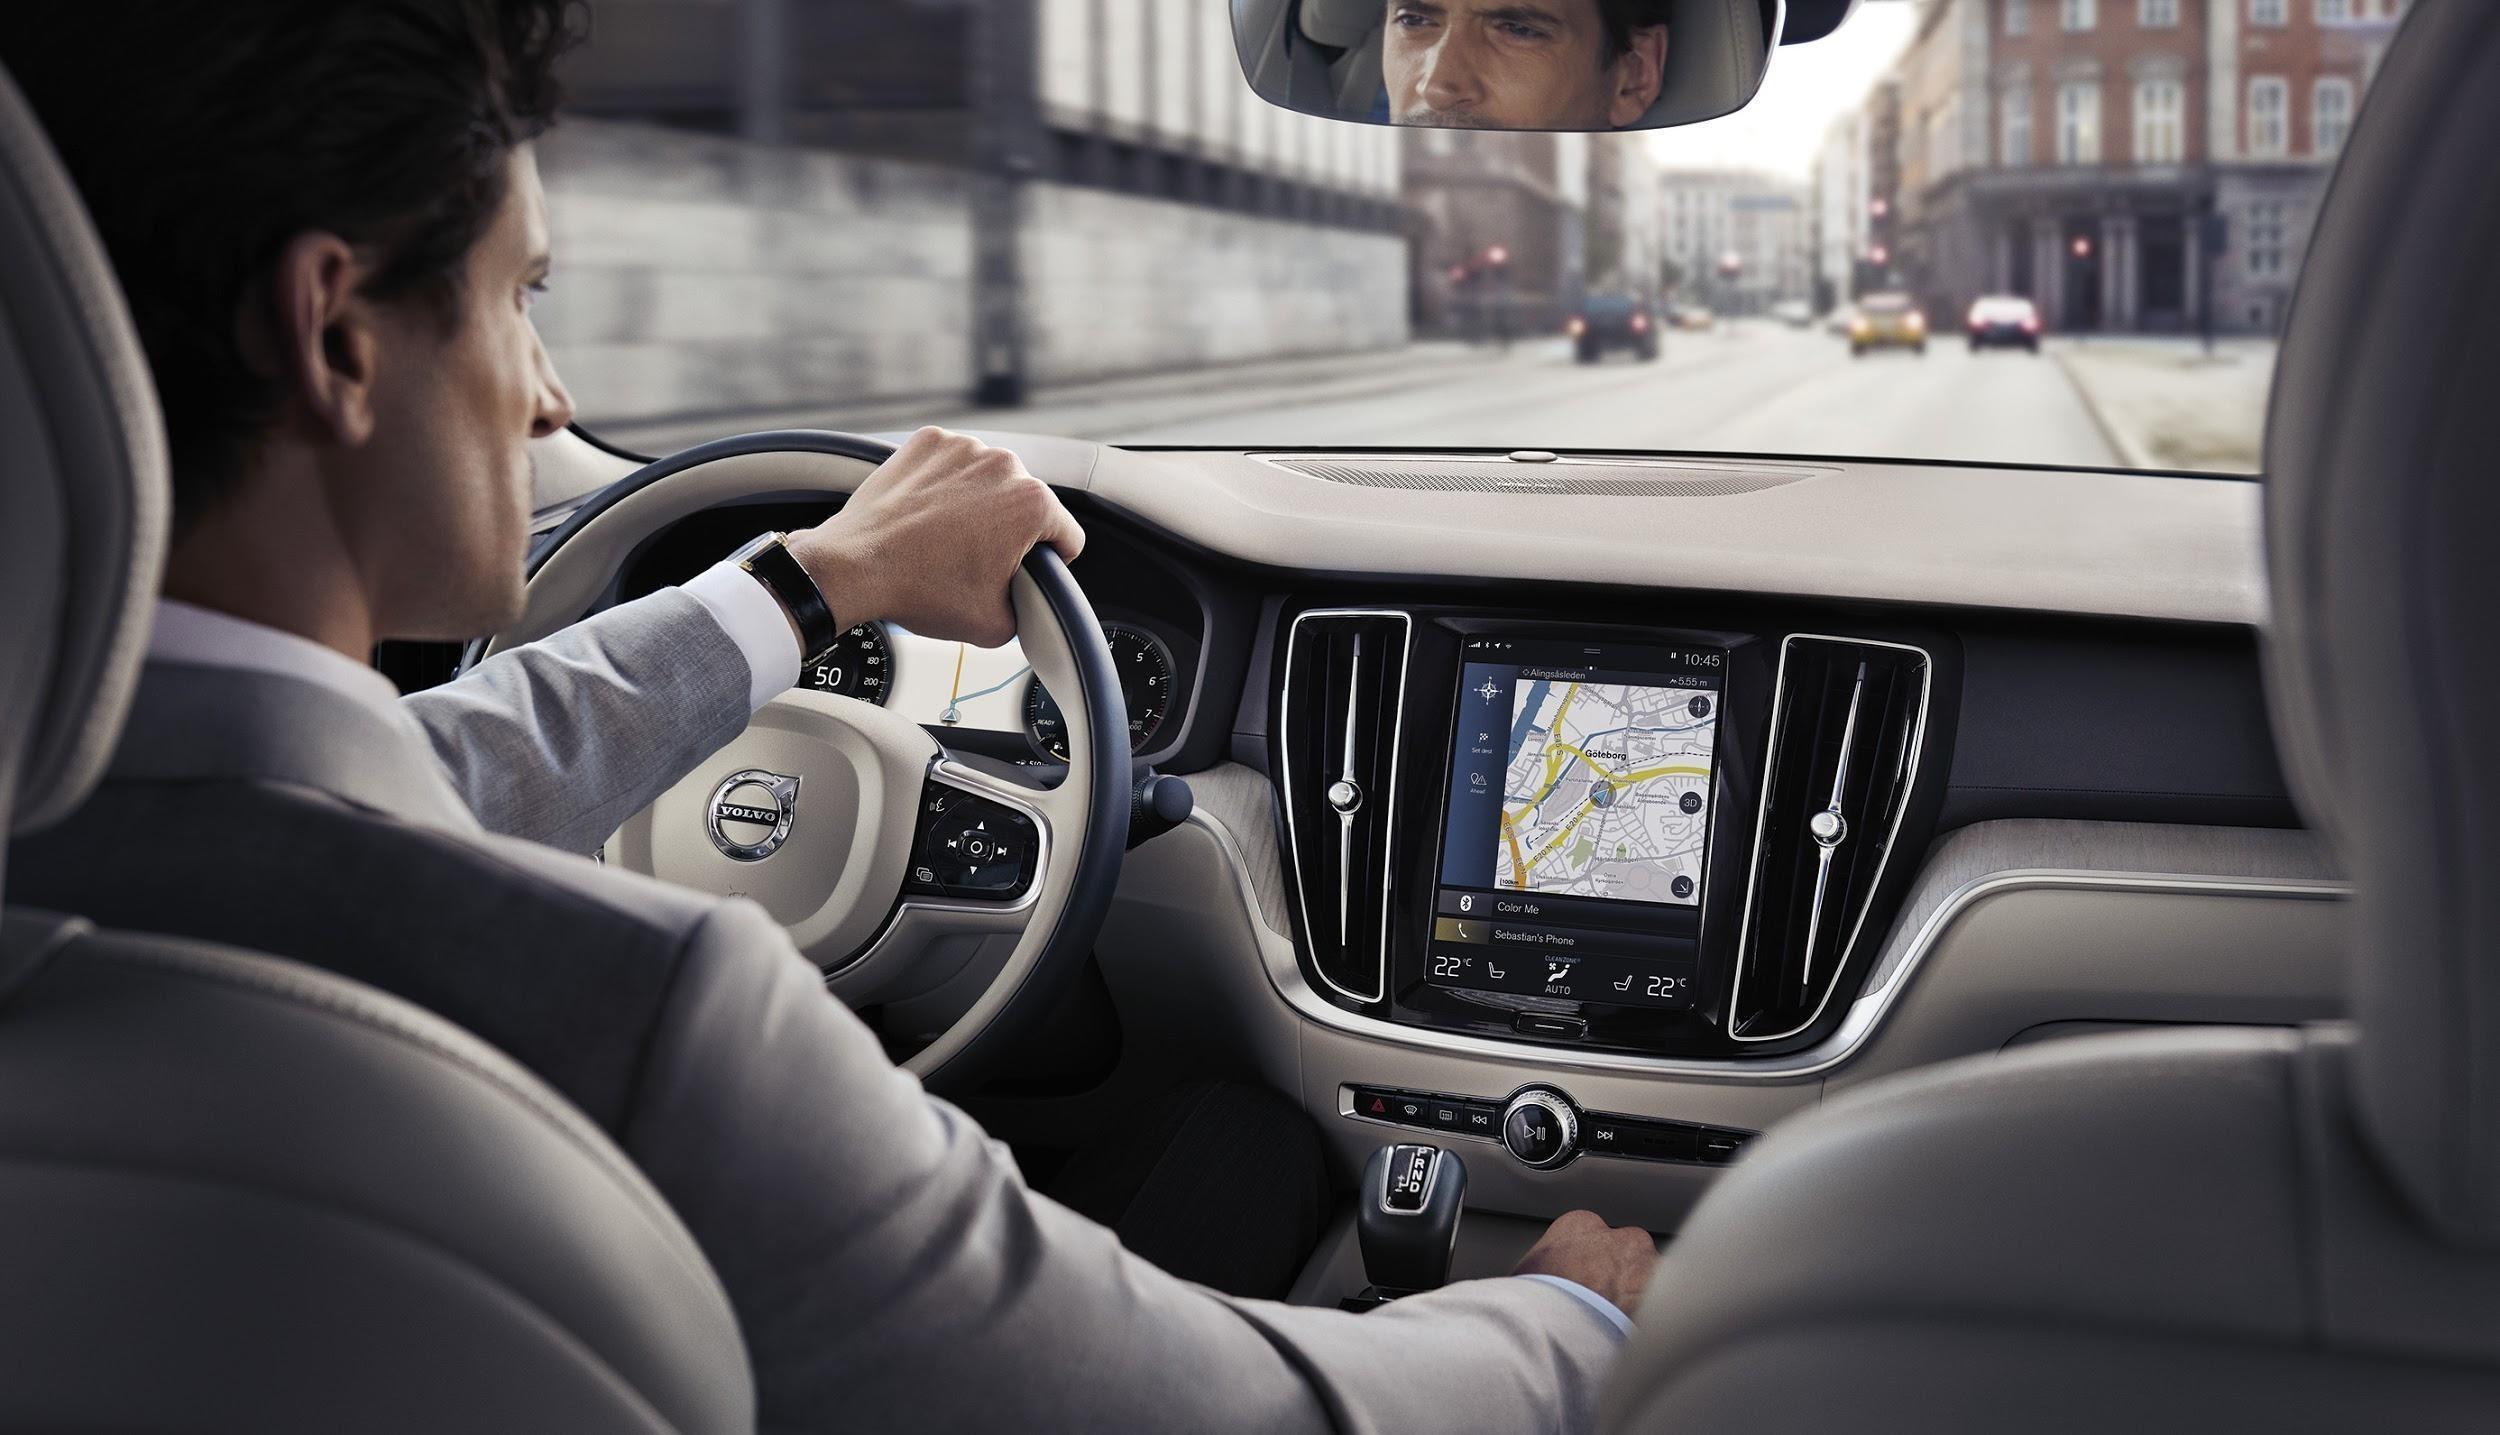 Conectividade intuitiva é destaque no S60, um modelo focado em tecnologia - Notícias - Plantão Diário